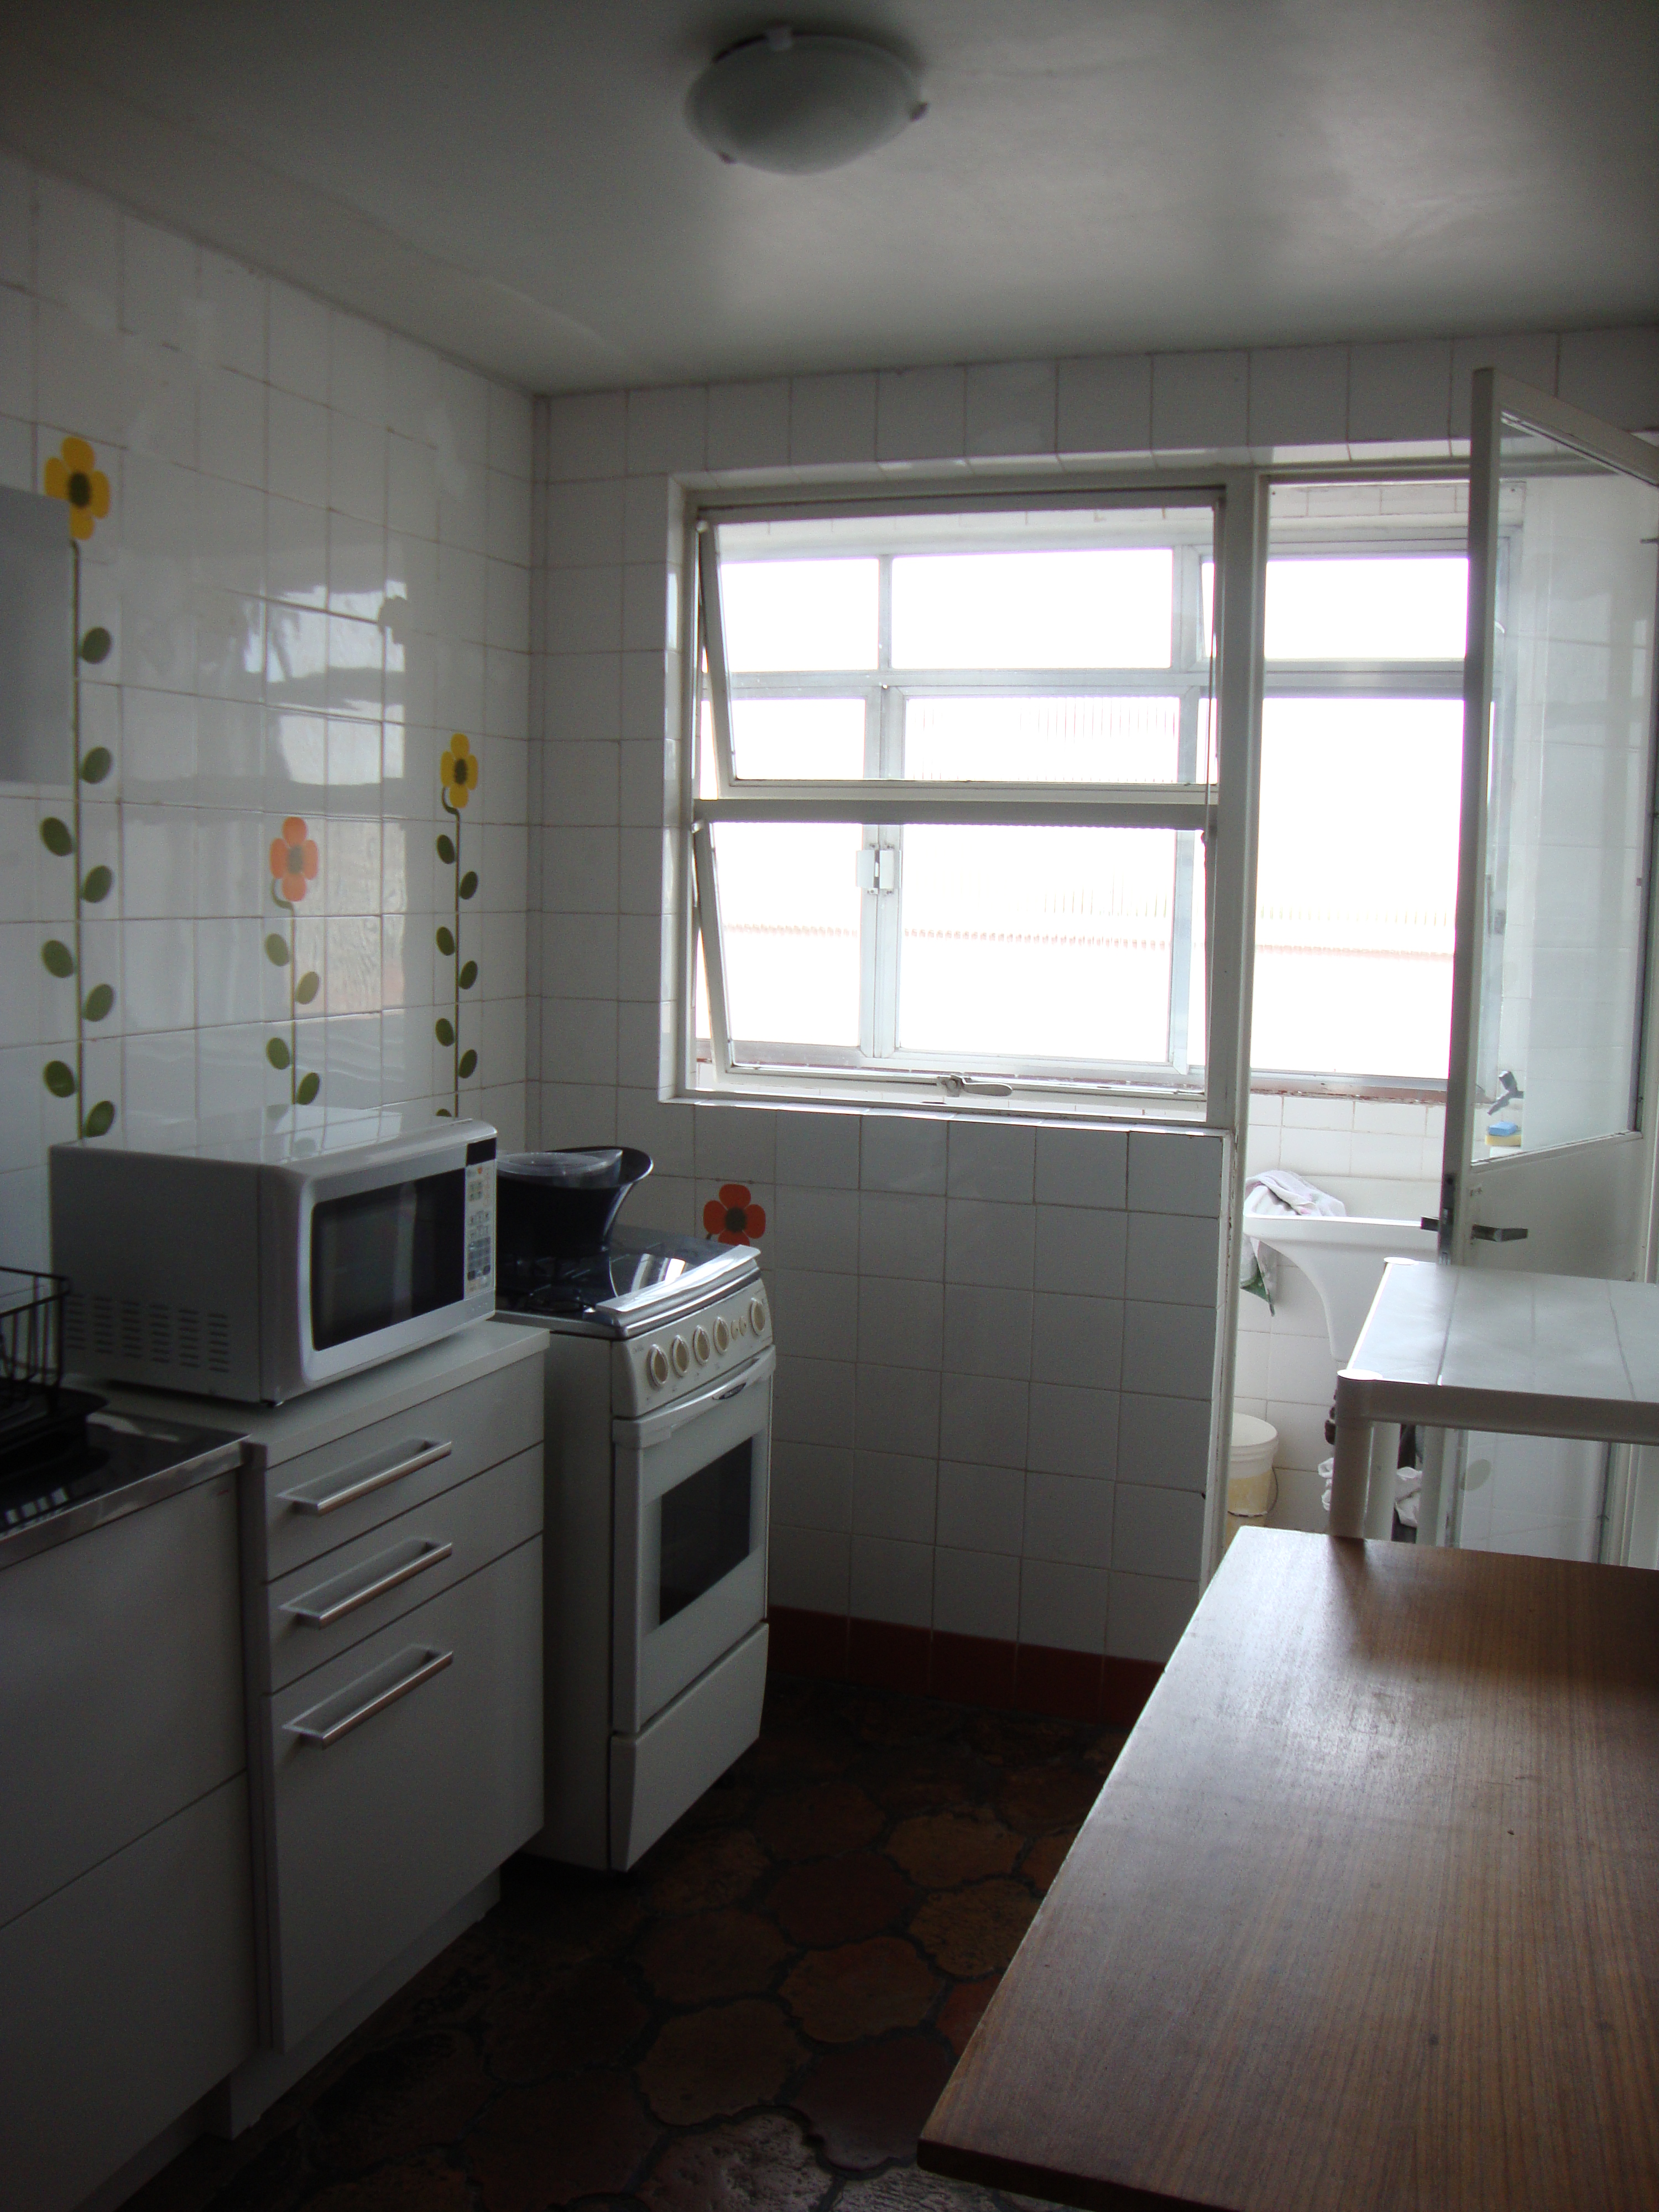 #594F47 Cozinha contemporânea: reforma deixa ambiente mais prático e  1418 Quanto Custa Uma Janela De Aluminio Para Quarto